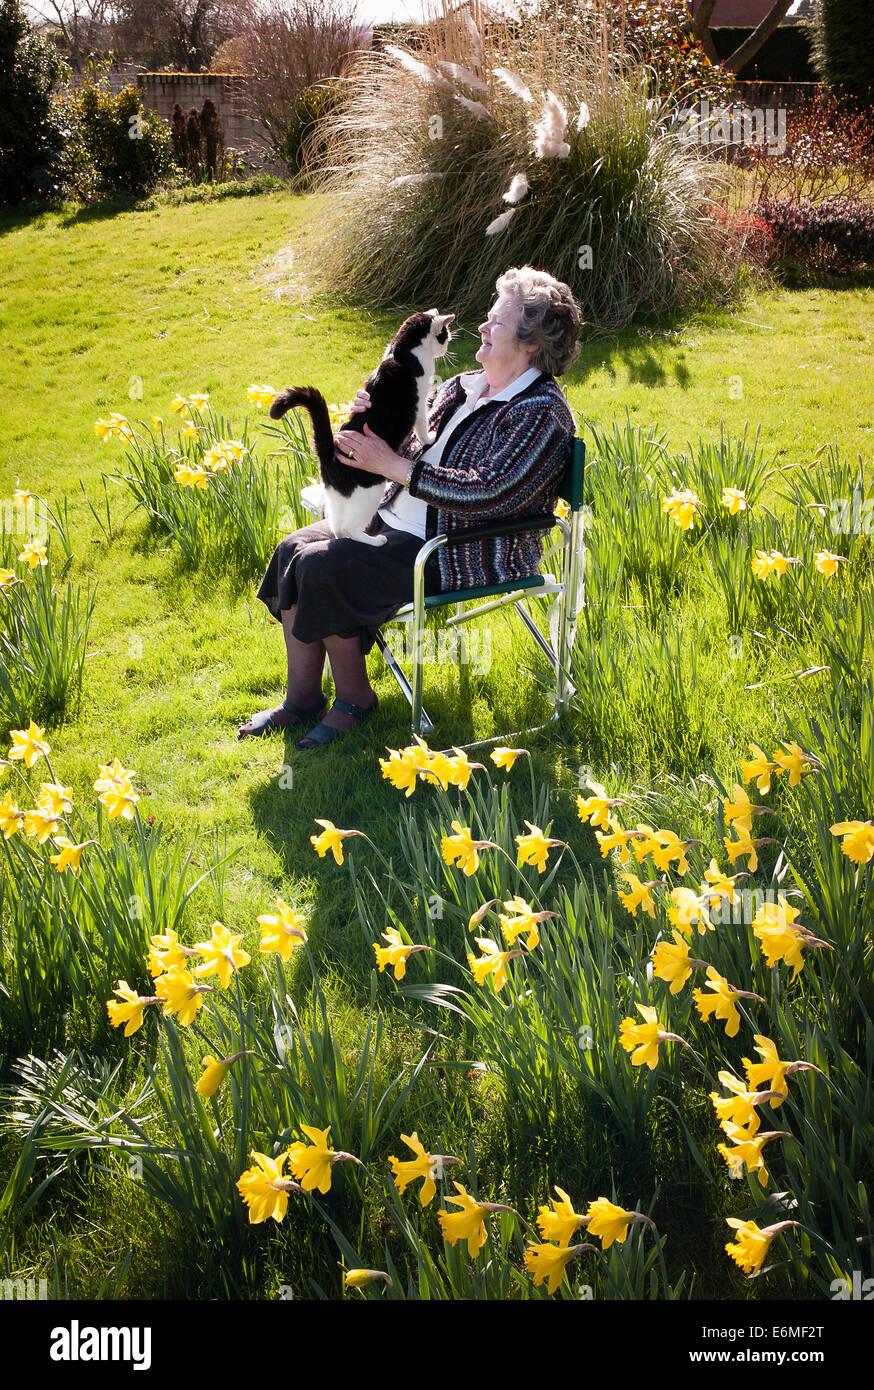 Rentner mit pet-schwarz-weisse Katze in ihrem Frühling Garten. Stockbild